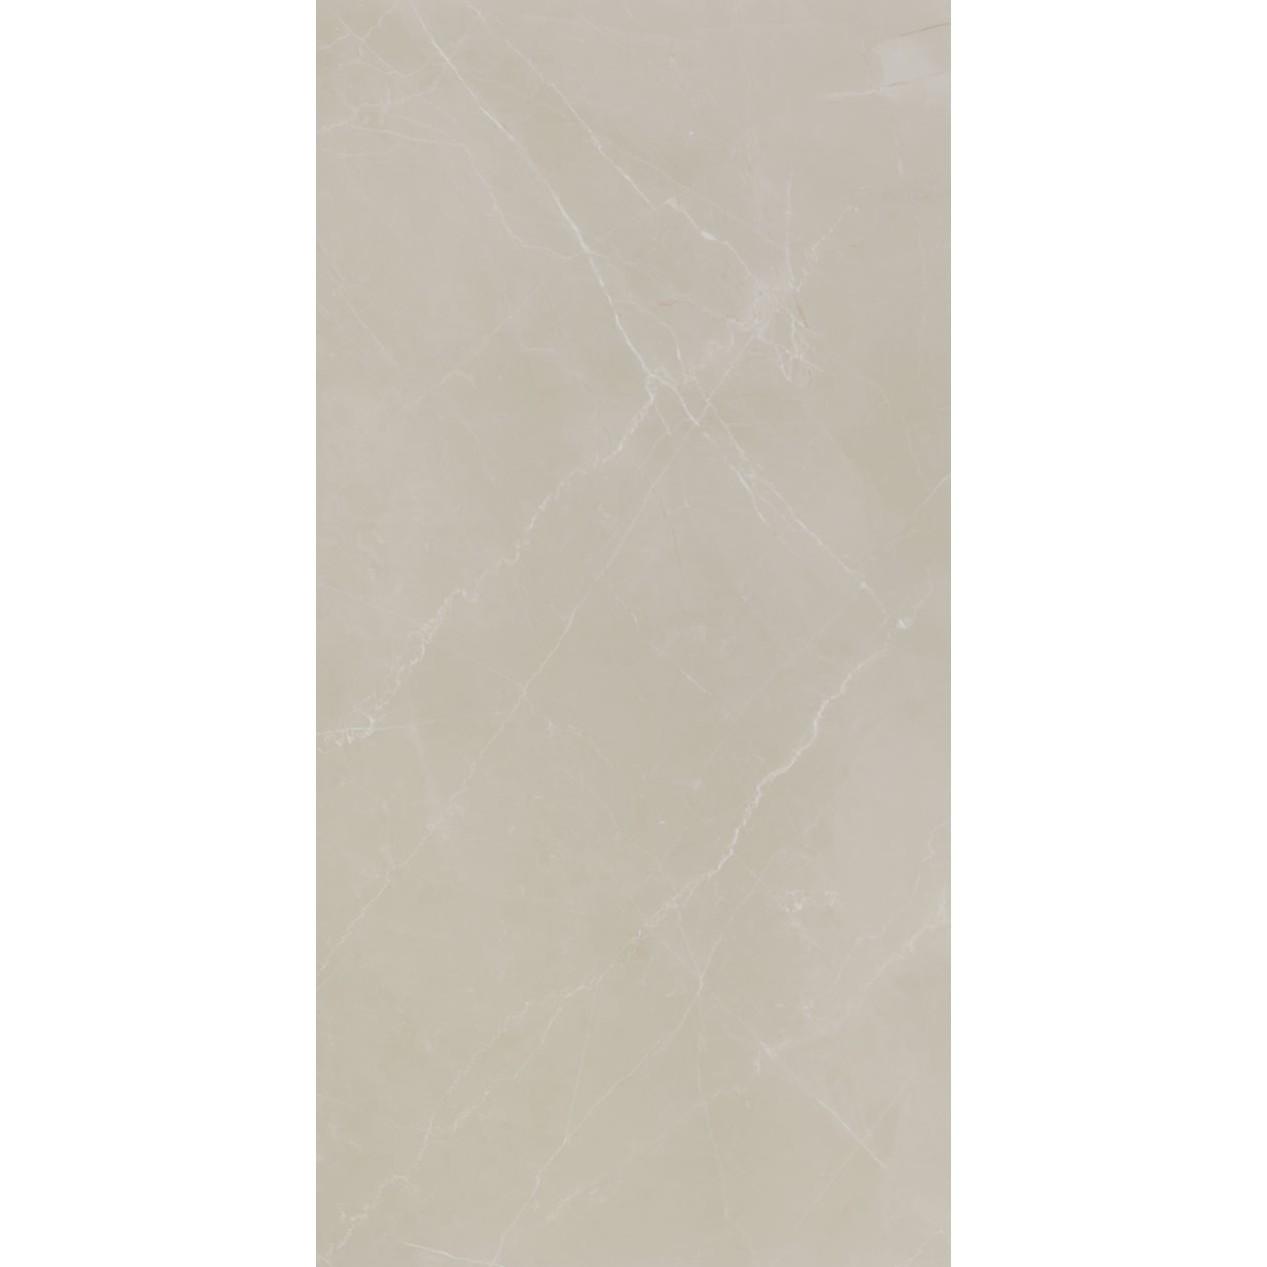 Porcelanato Pulpis Crema Acetinado HD Tipo A Retificado 59x1182cm 139m Bege - Eliane